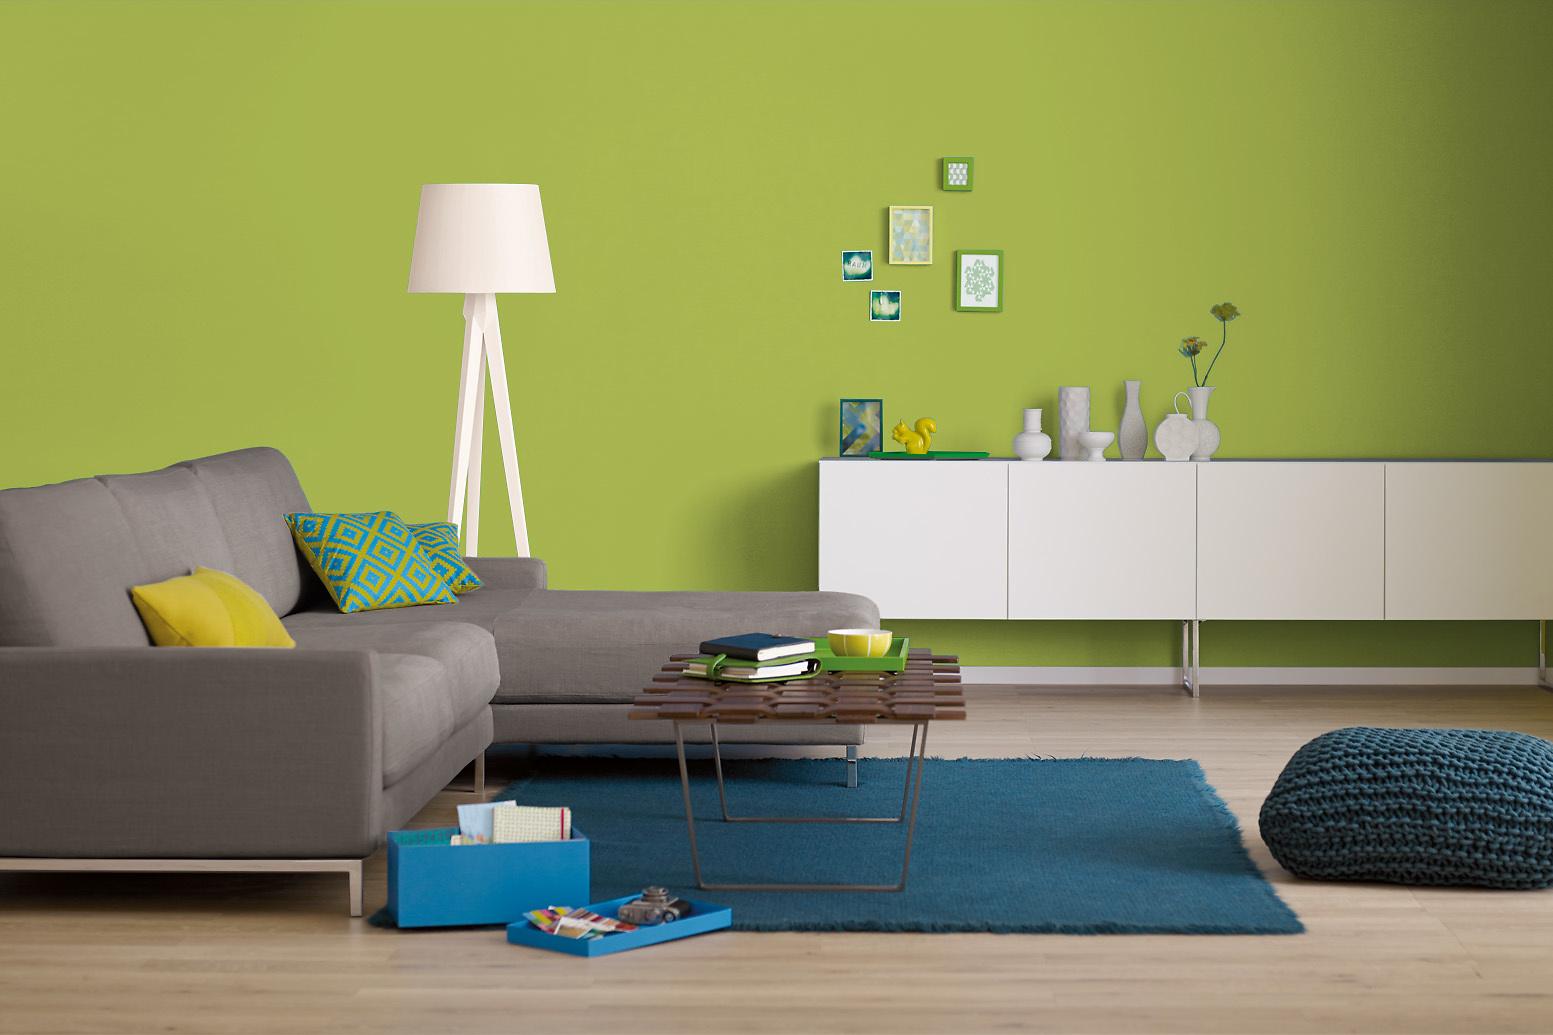 Innenfarbe In Gelb Grün, Maigrün Streichen: Alpina Farbrezepte  Frühlingswiese   Alpina Farben